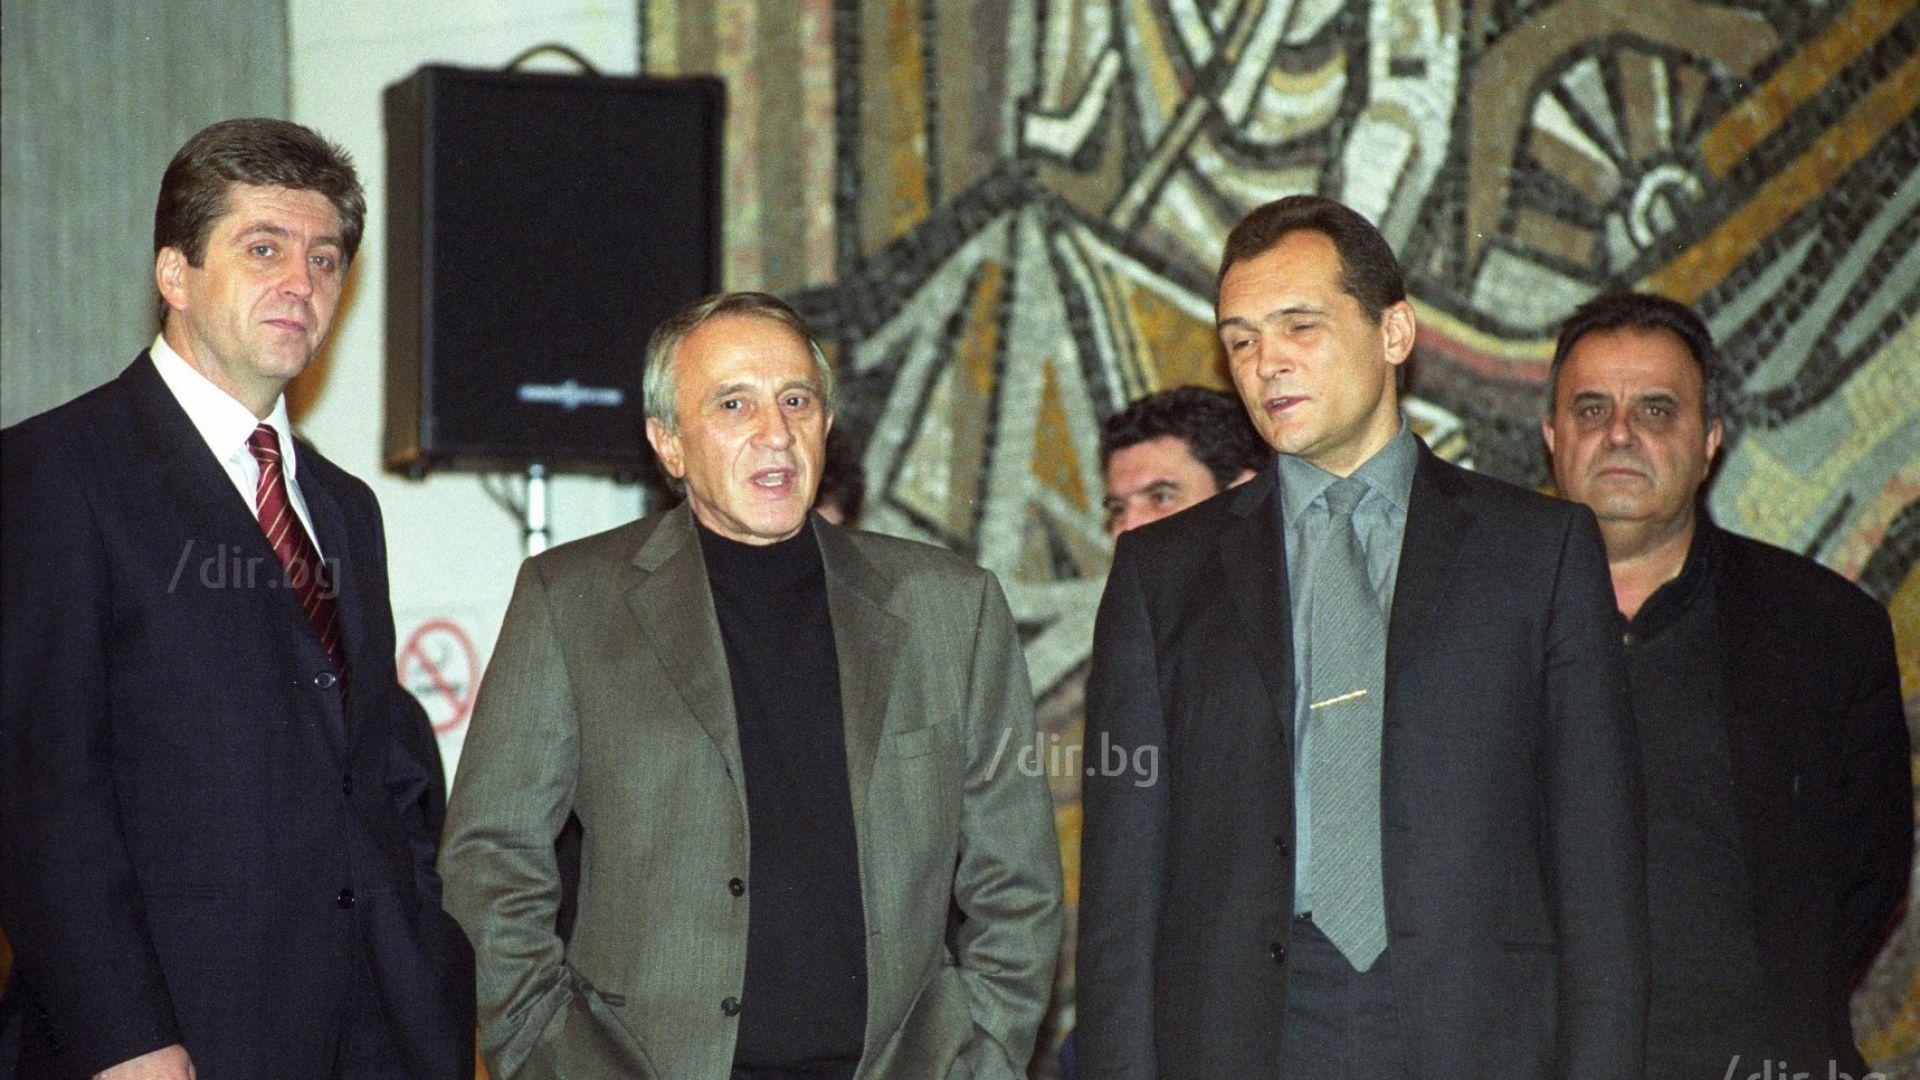 Спортист на годината 20 декември 2002 г. в резиденцията. На смиката Георги Пъранов, Тошо Тошев, Васил Божков и Божидар Димитров